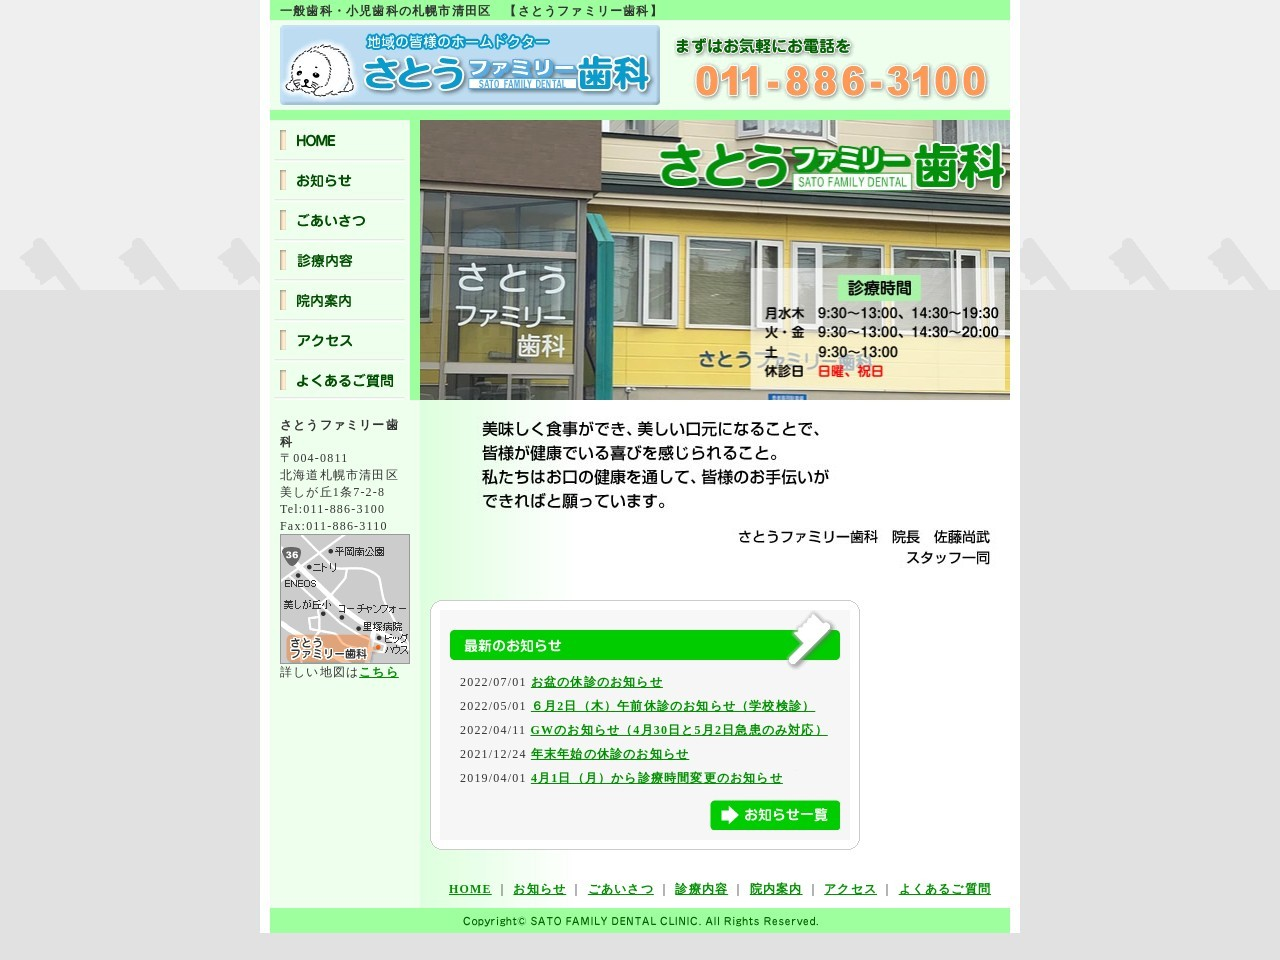 さとうファミリー歯科 (北海道札幌市清田区)